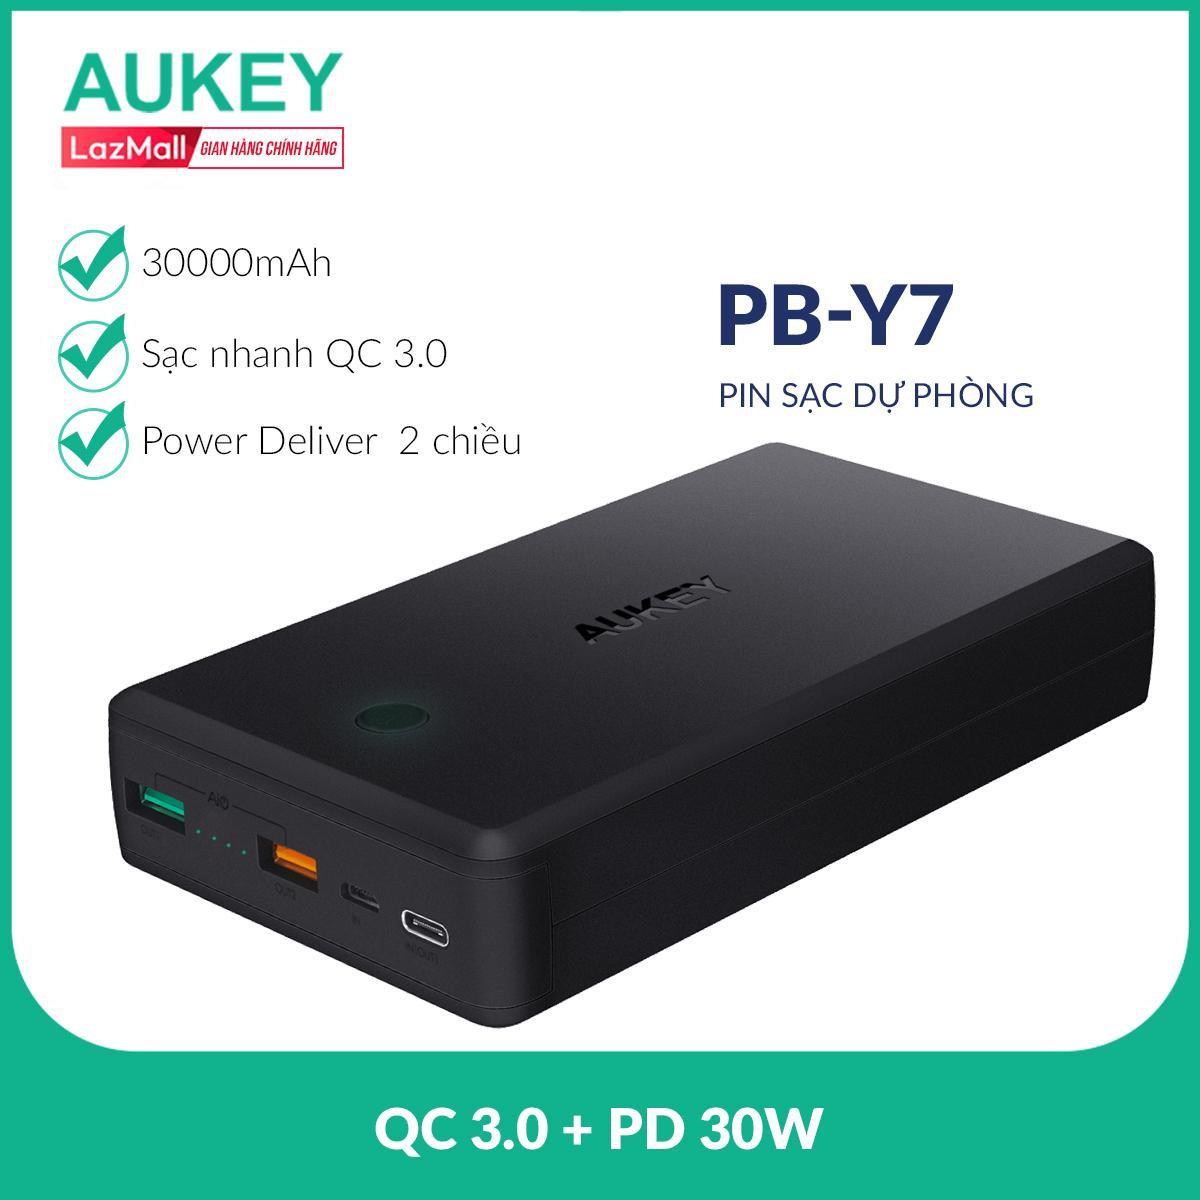 Pin Sạc Dự Phòng 30.000 mAh Aukey PB-Y7, 1 Cổng Quick Charge 3.0, 1 Cổng Power Delivery 30W, 1 Cổng AiPower - Nhà Phân Phối Chính Thức